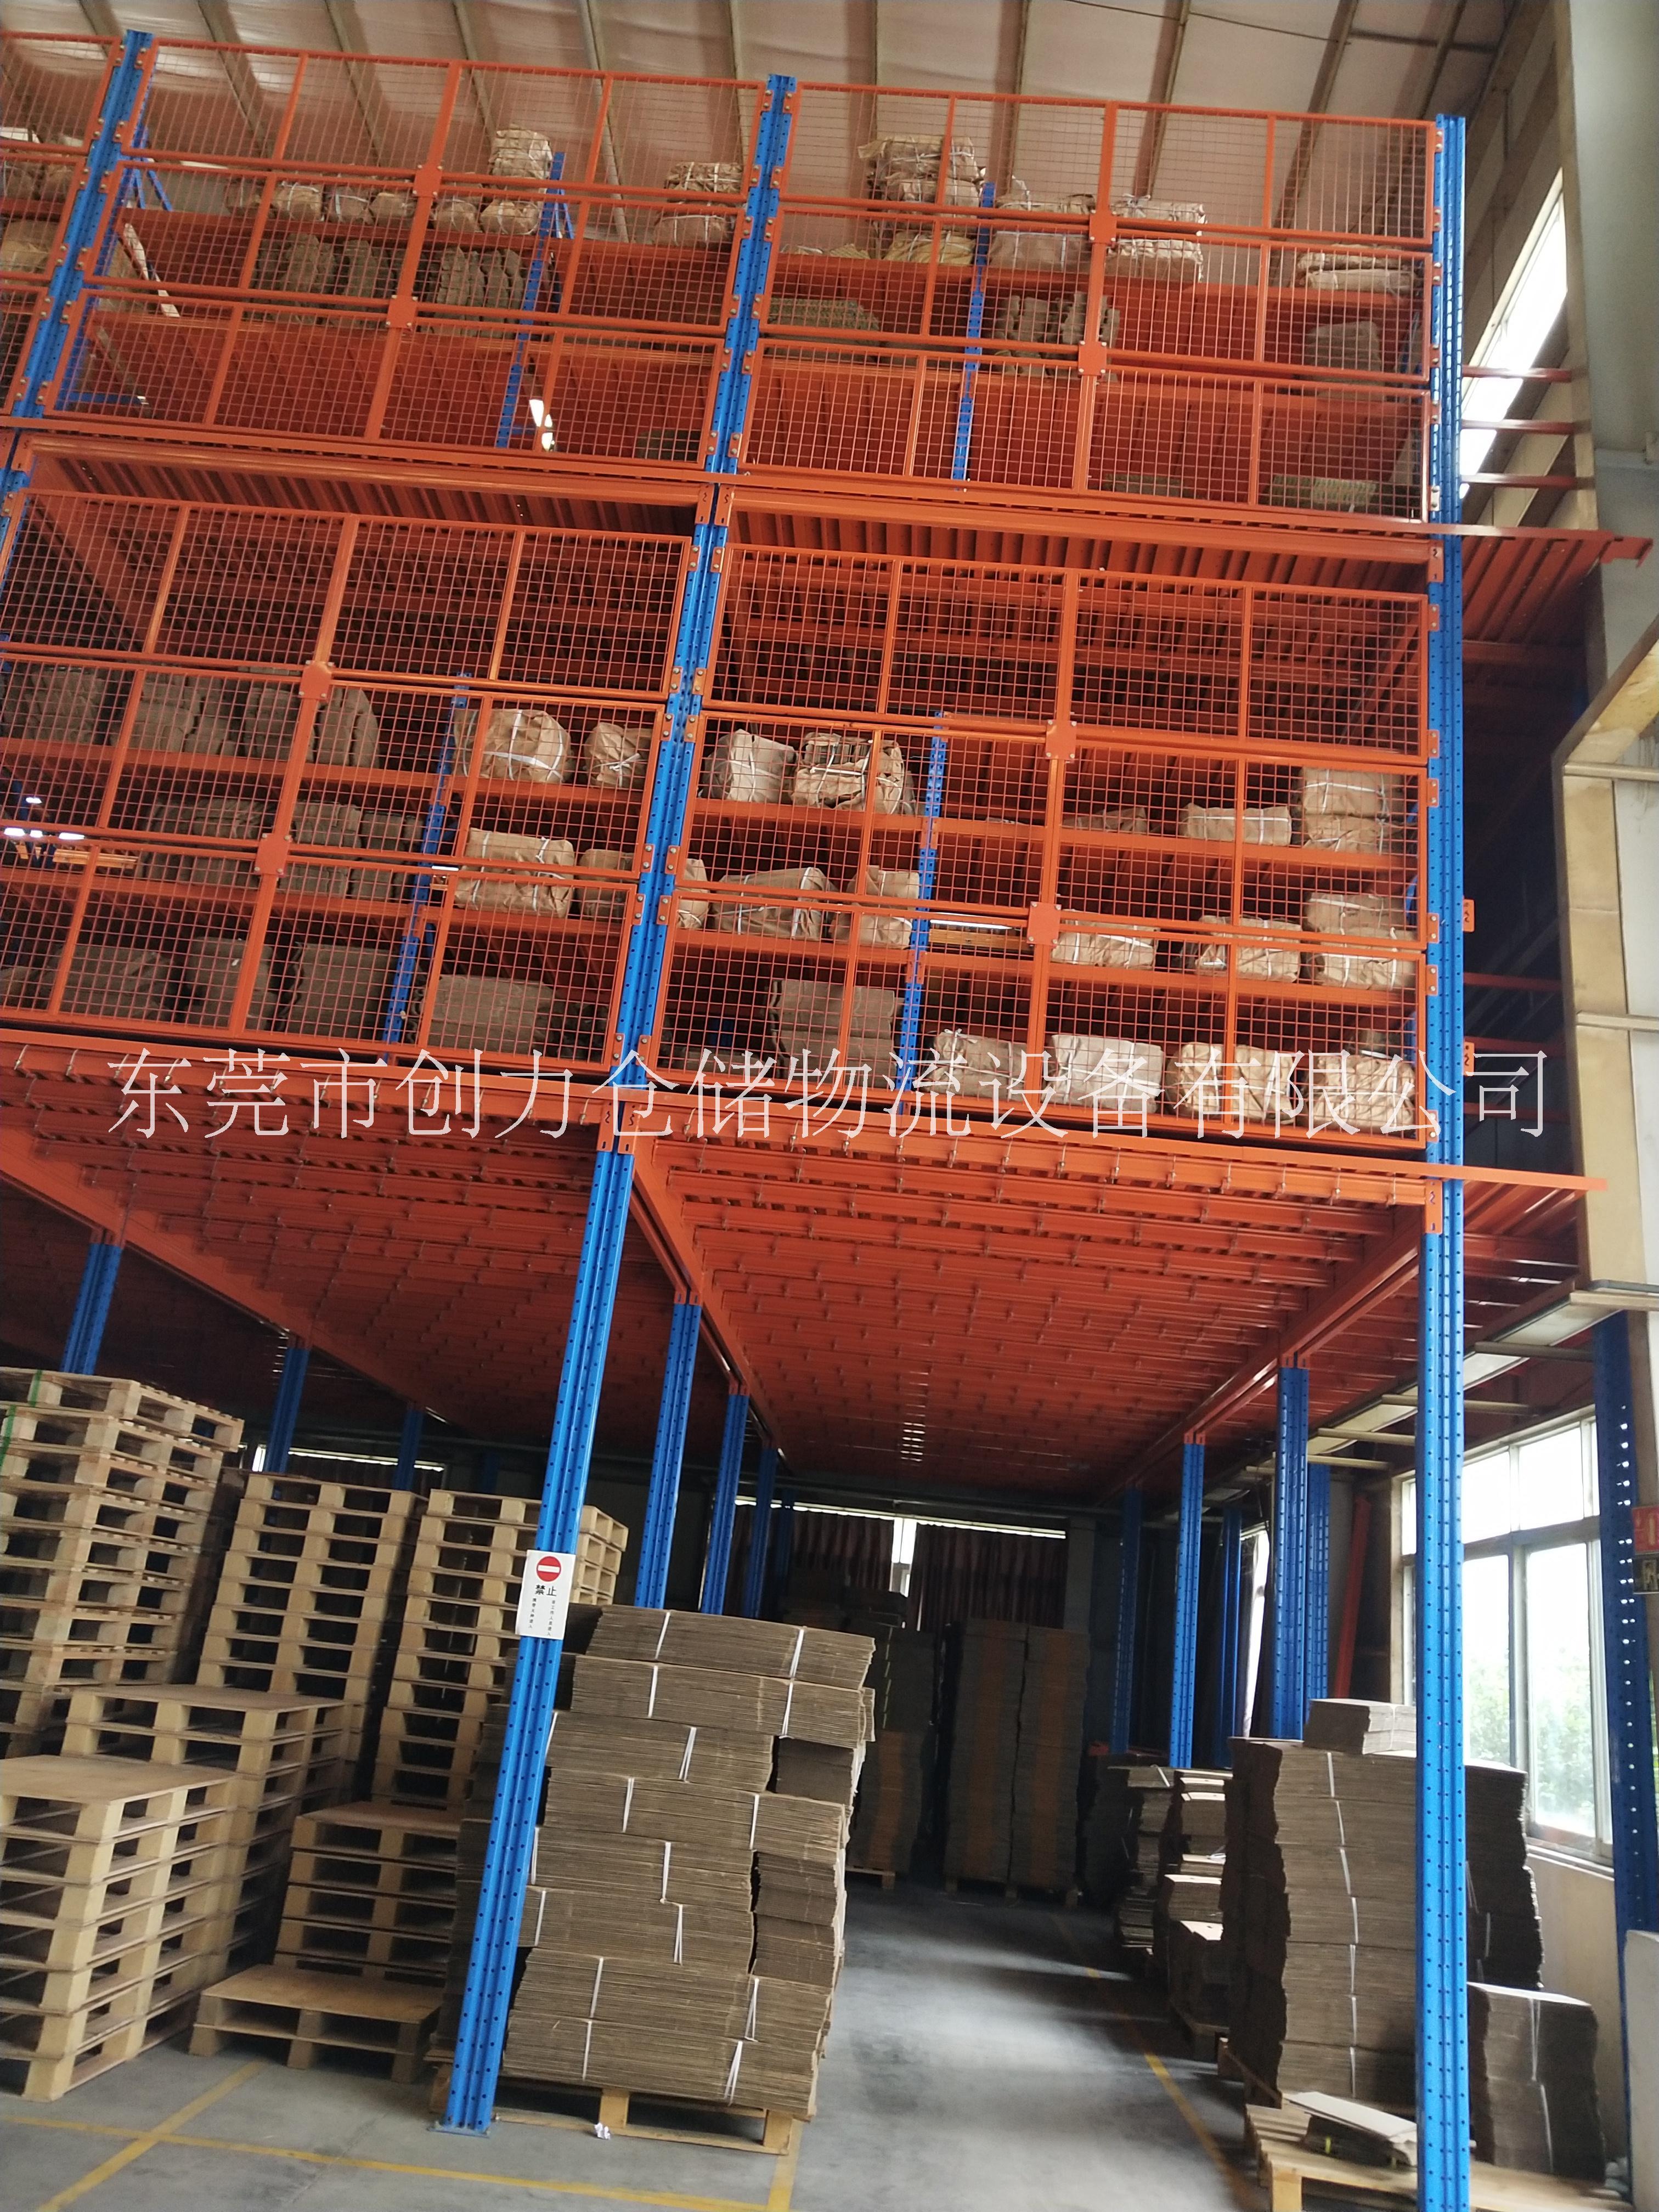 广州阁楼货架厂家批发 阁楼货架批发 优质阁楼货架批发